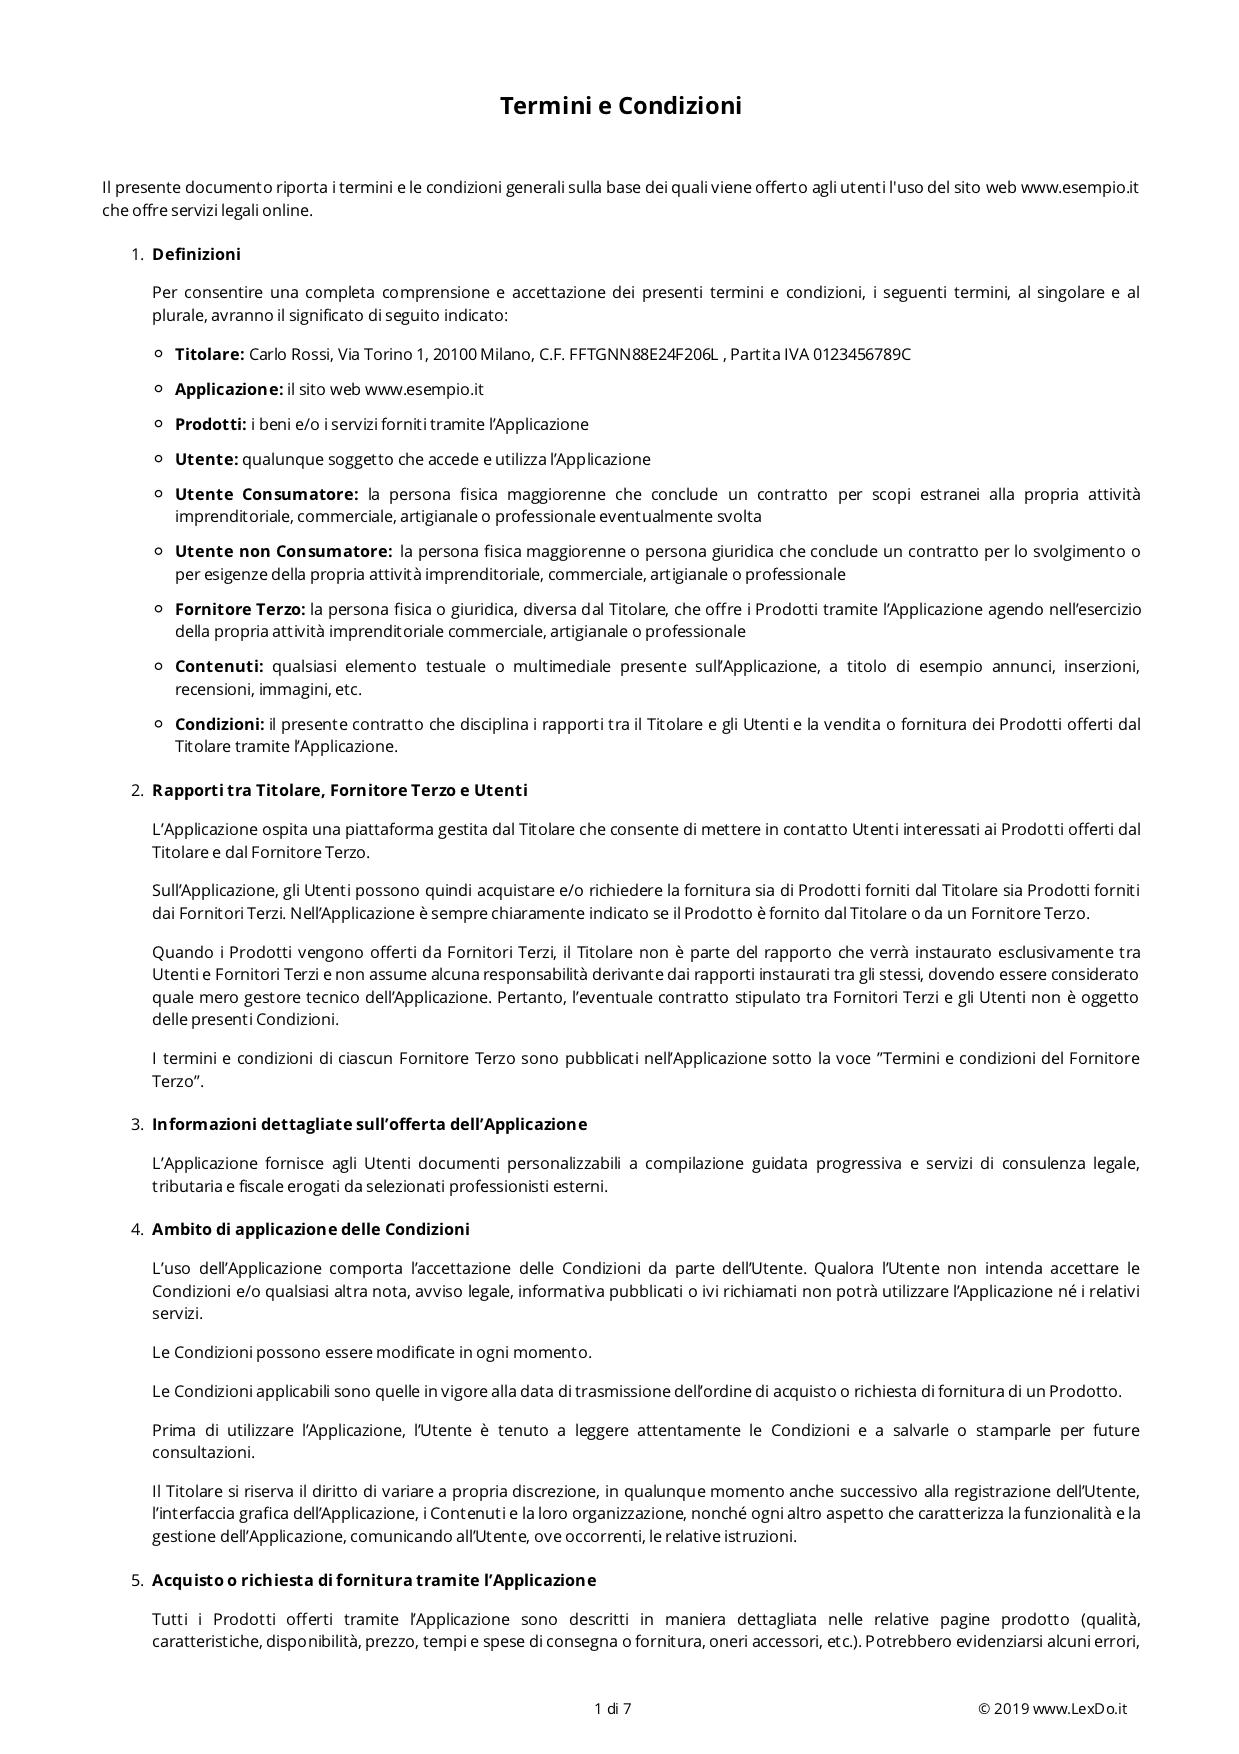 Condizioni Generali di Vendita E-Commerce modello